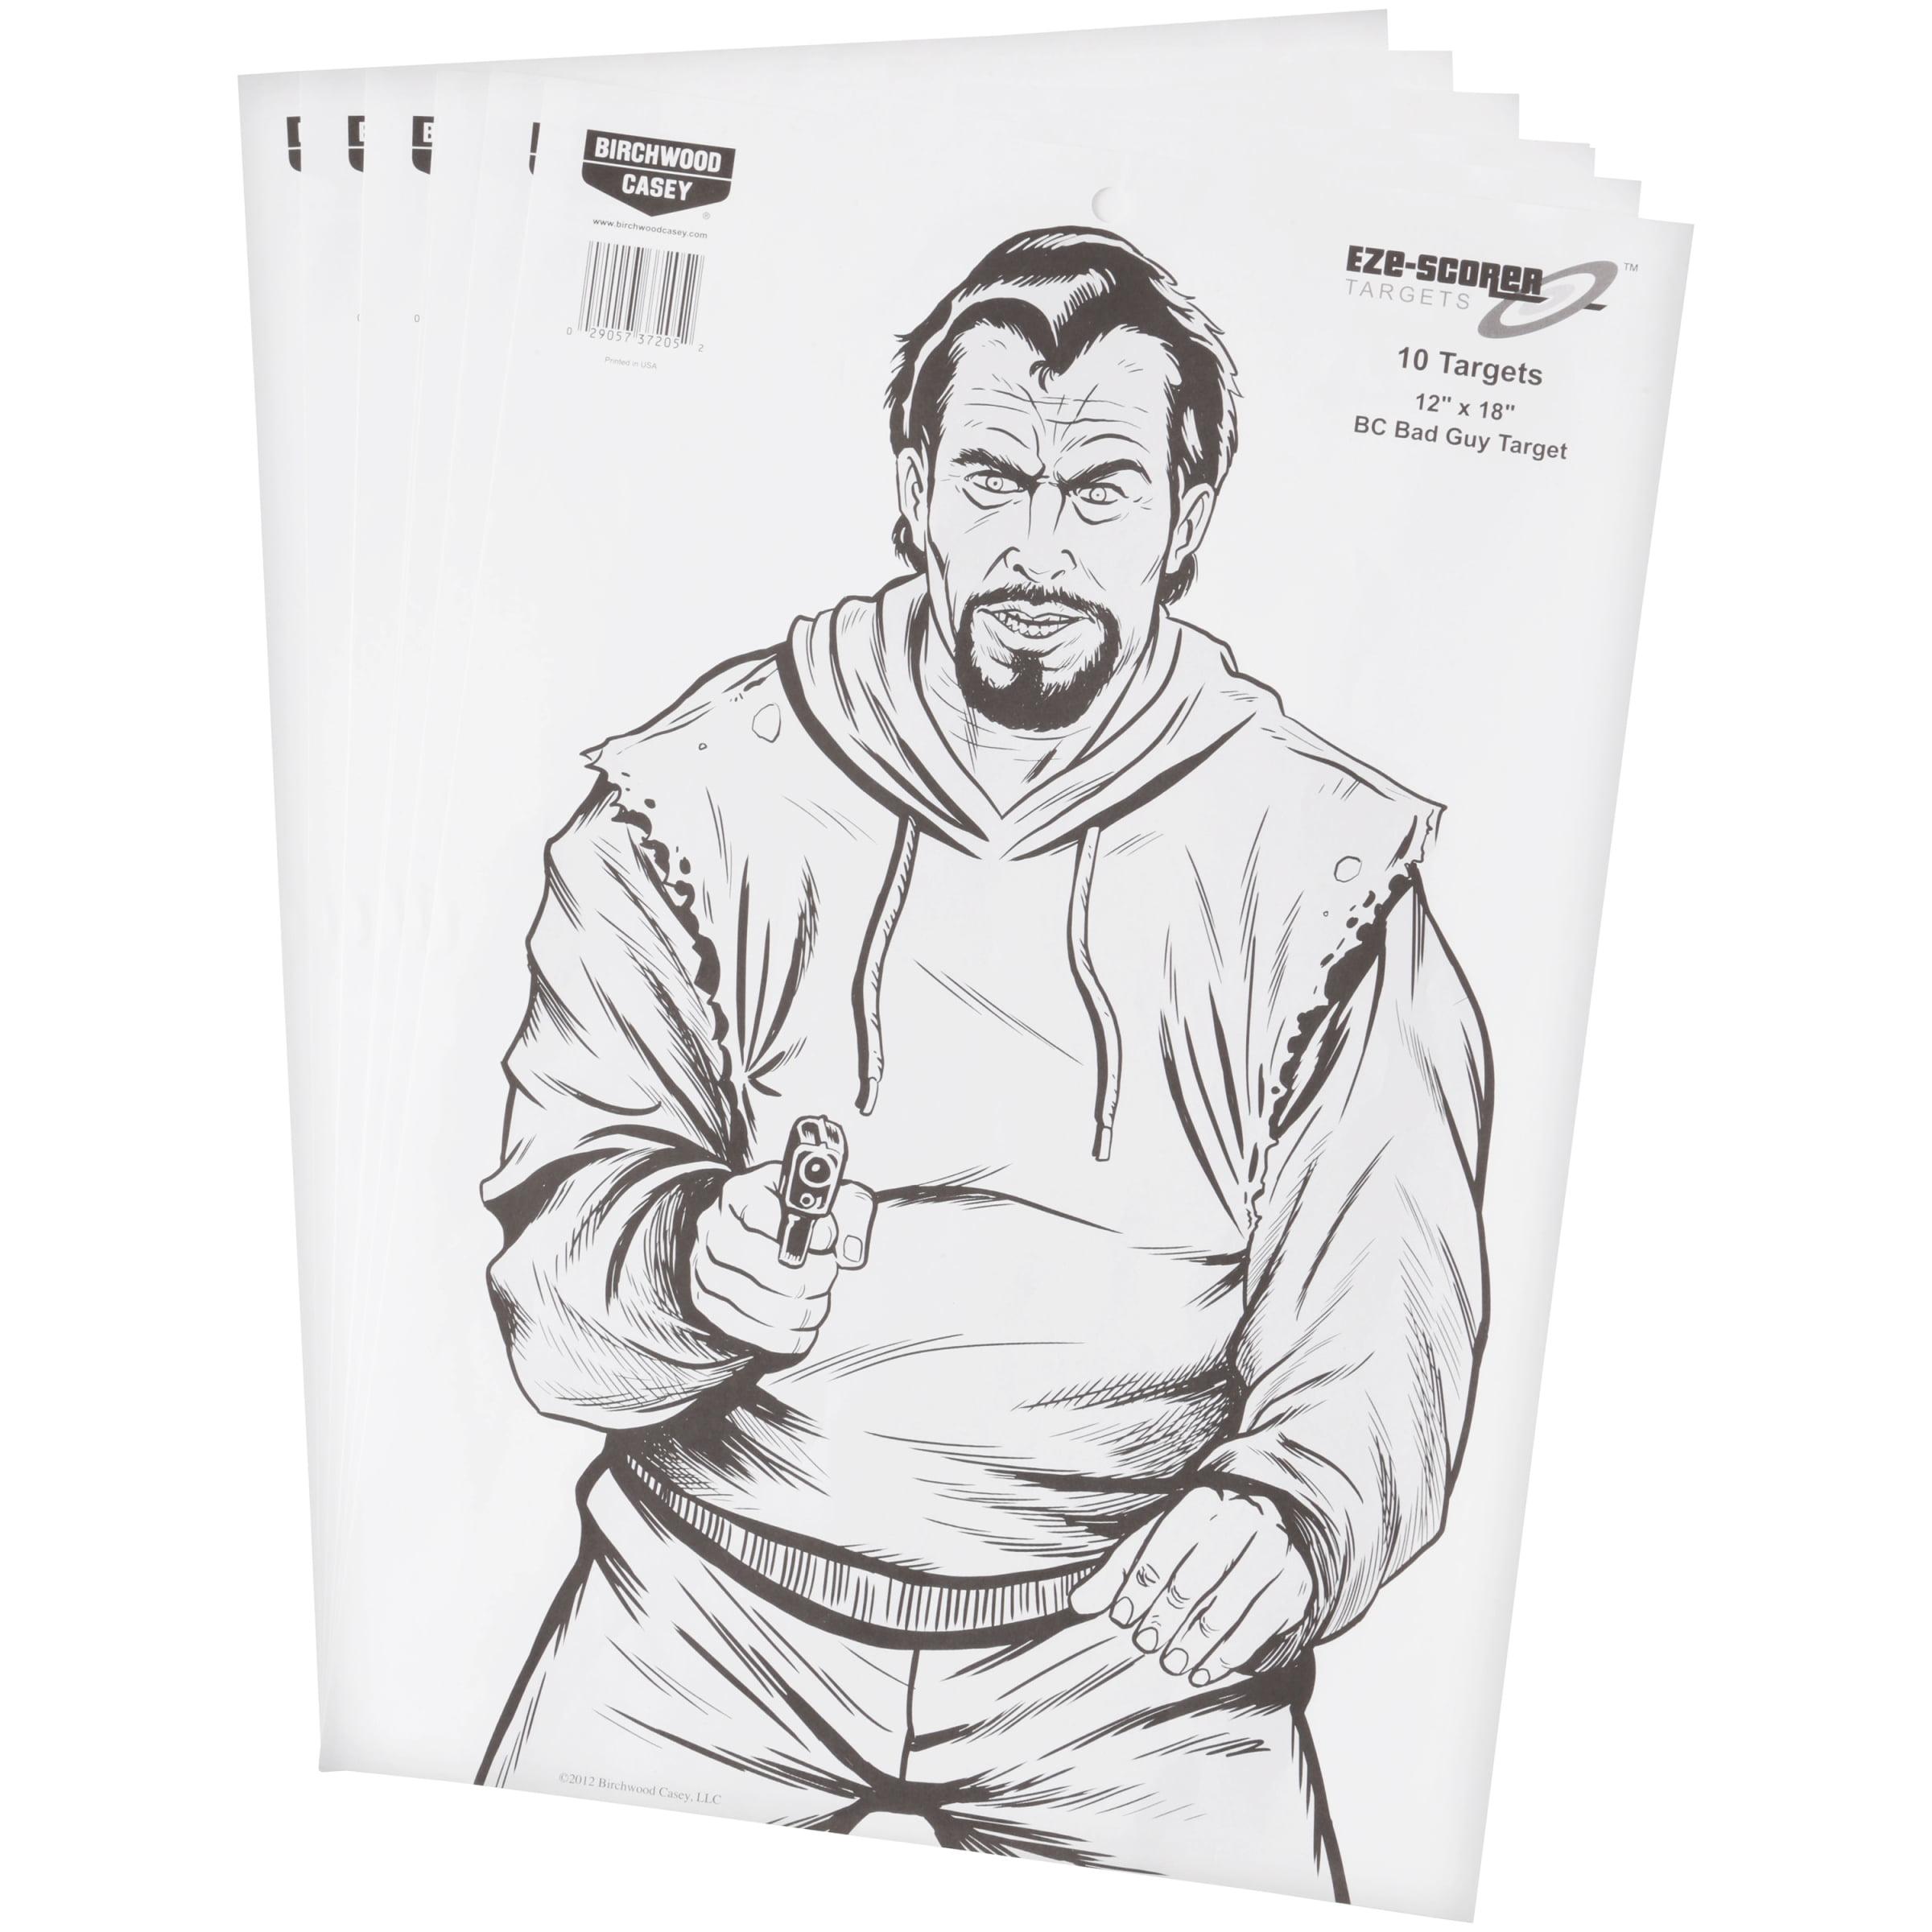 """Eze-Scorer™ 12"""" x 18"""" BC Bad Guy Paper - 10 targets"""